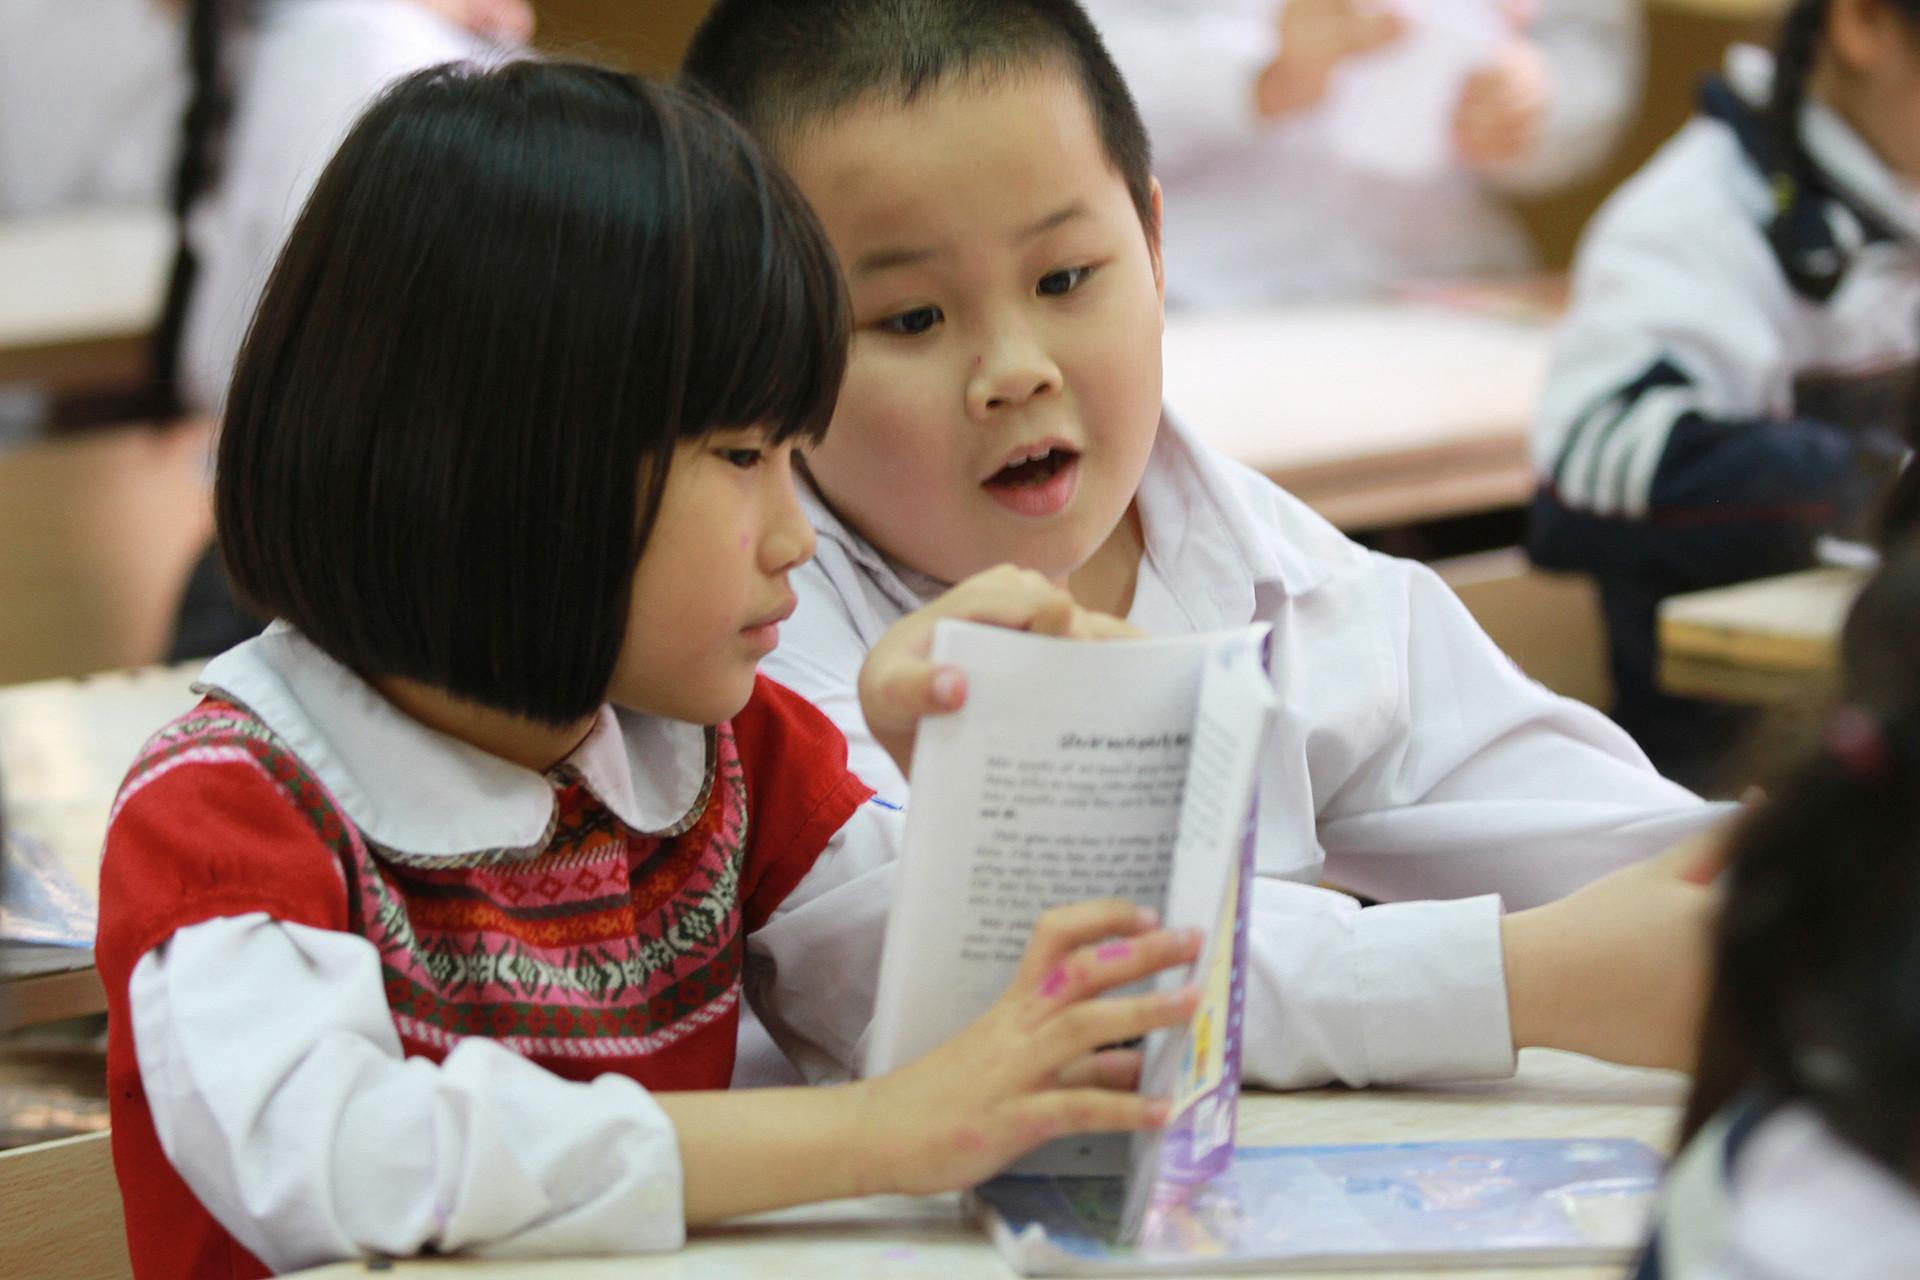 9 môn học từ lớp 1 đến lớp 5 được điều chỉnh như thế nào?